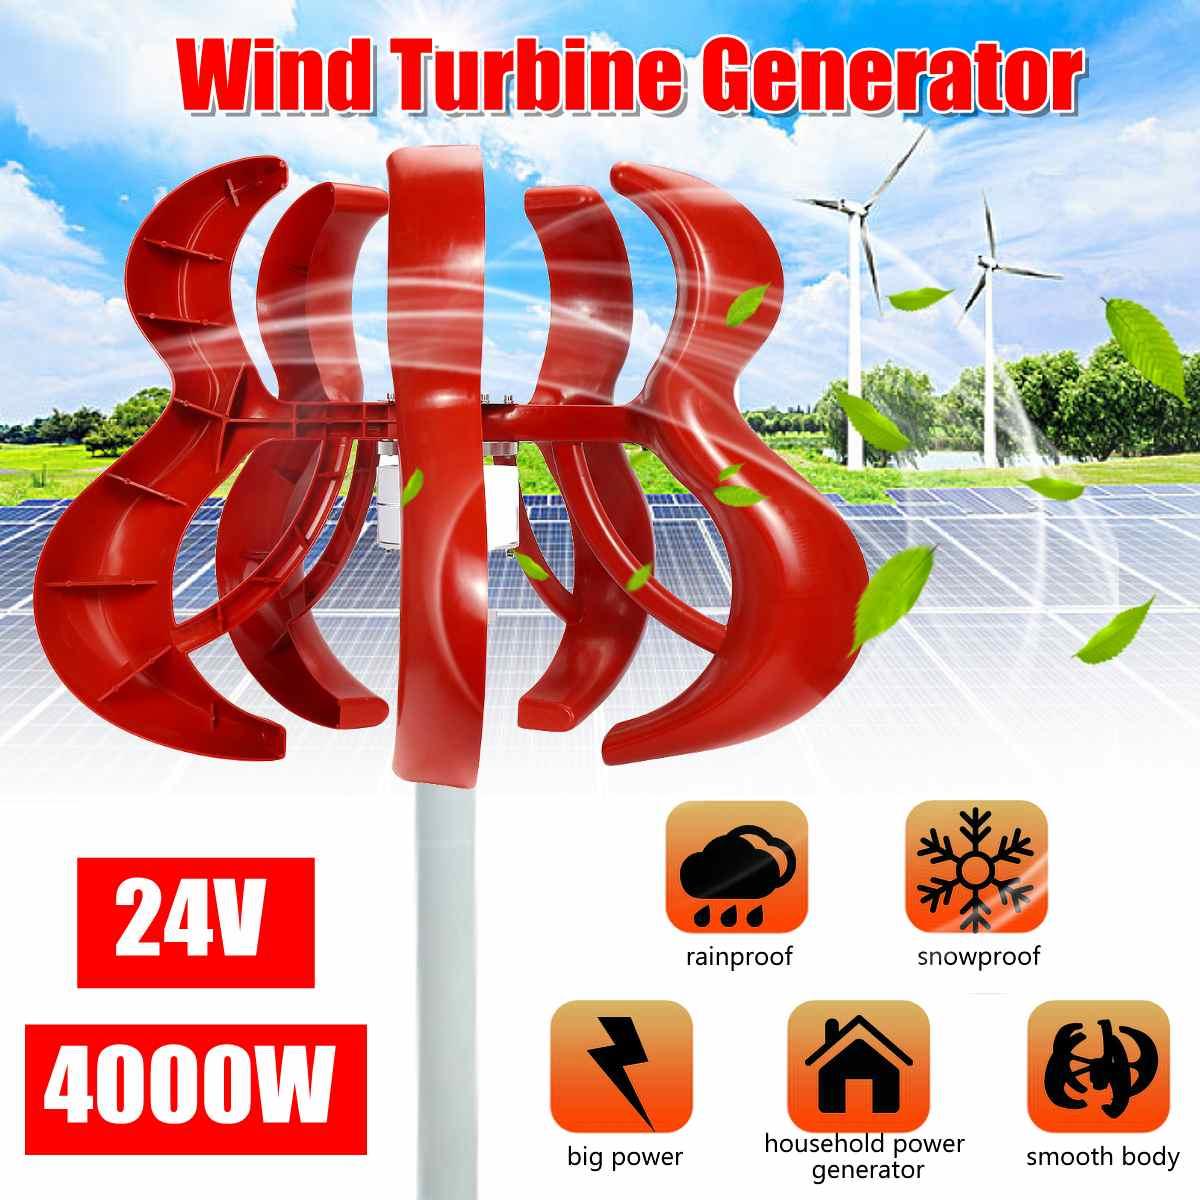 4000W 5 cuchillas verticales Axi generador de turbinas de viento linterna 12V 24V Kit de Motor electromagnético para uso en farolas domésticas